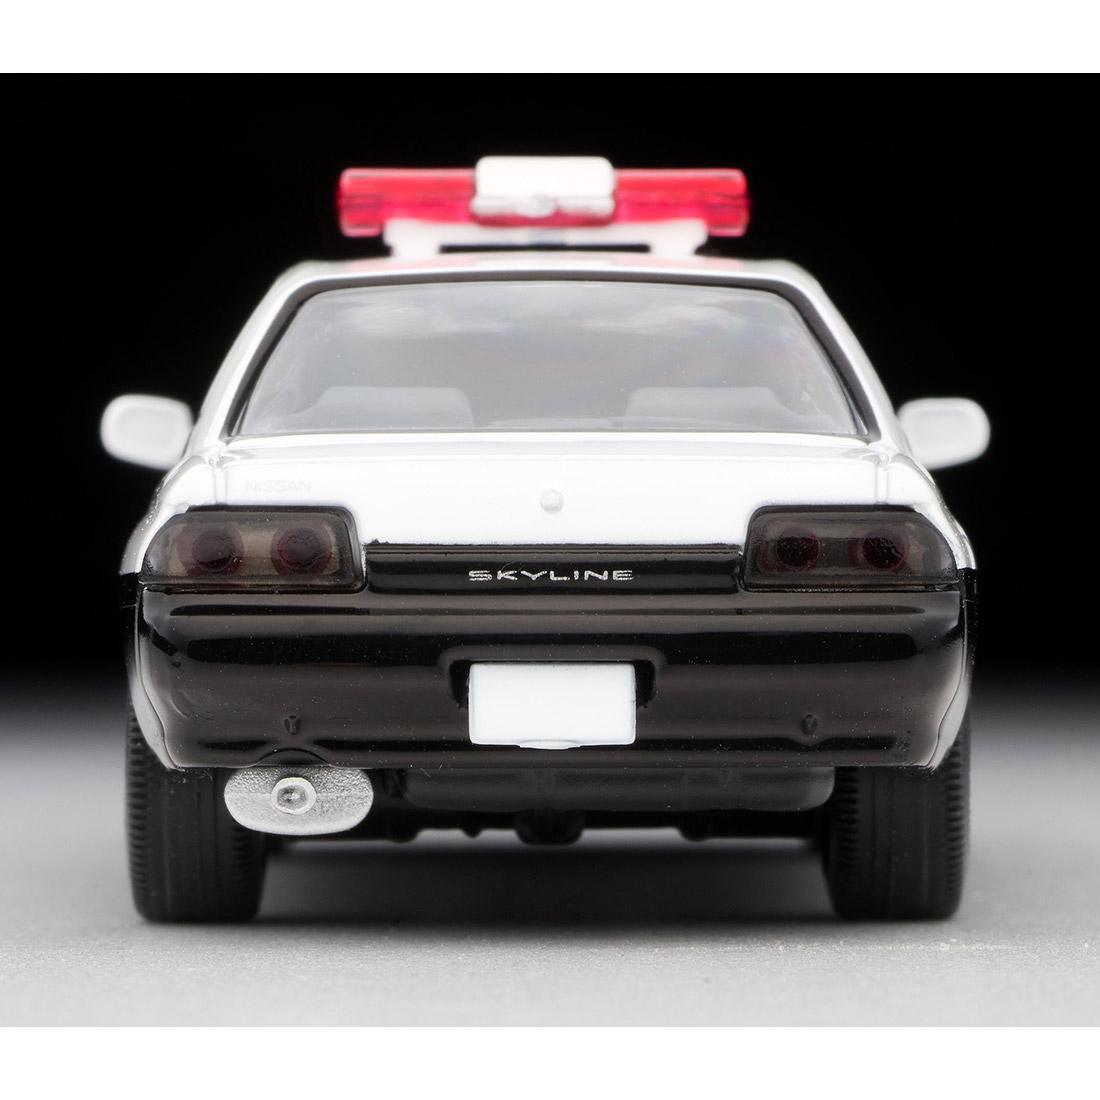 トミカリミテッド ヴィンテージ ネオ TLV-NEO『LV-N212a スカイラインパトロールカー』ミニカー-004